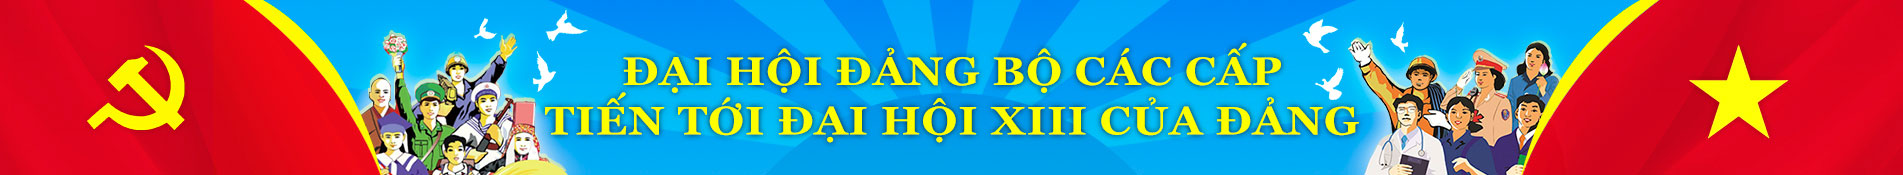 Banner chuyên trang đại hội đảng xiii